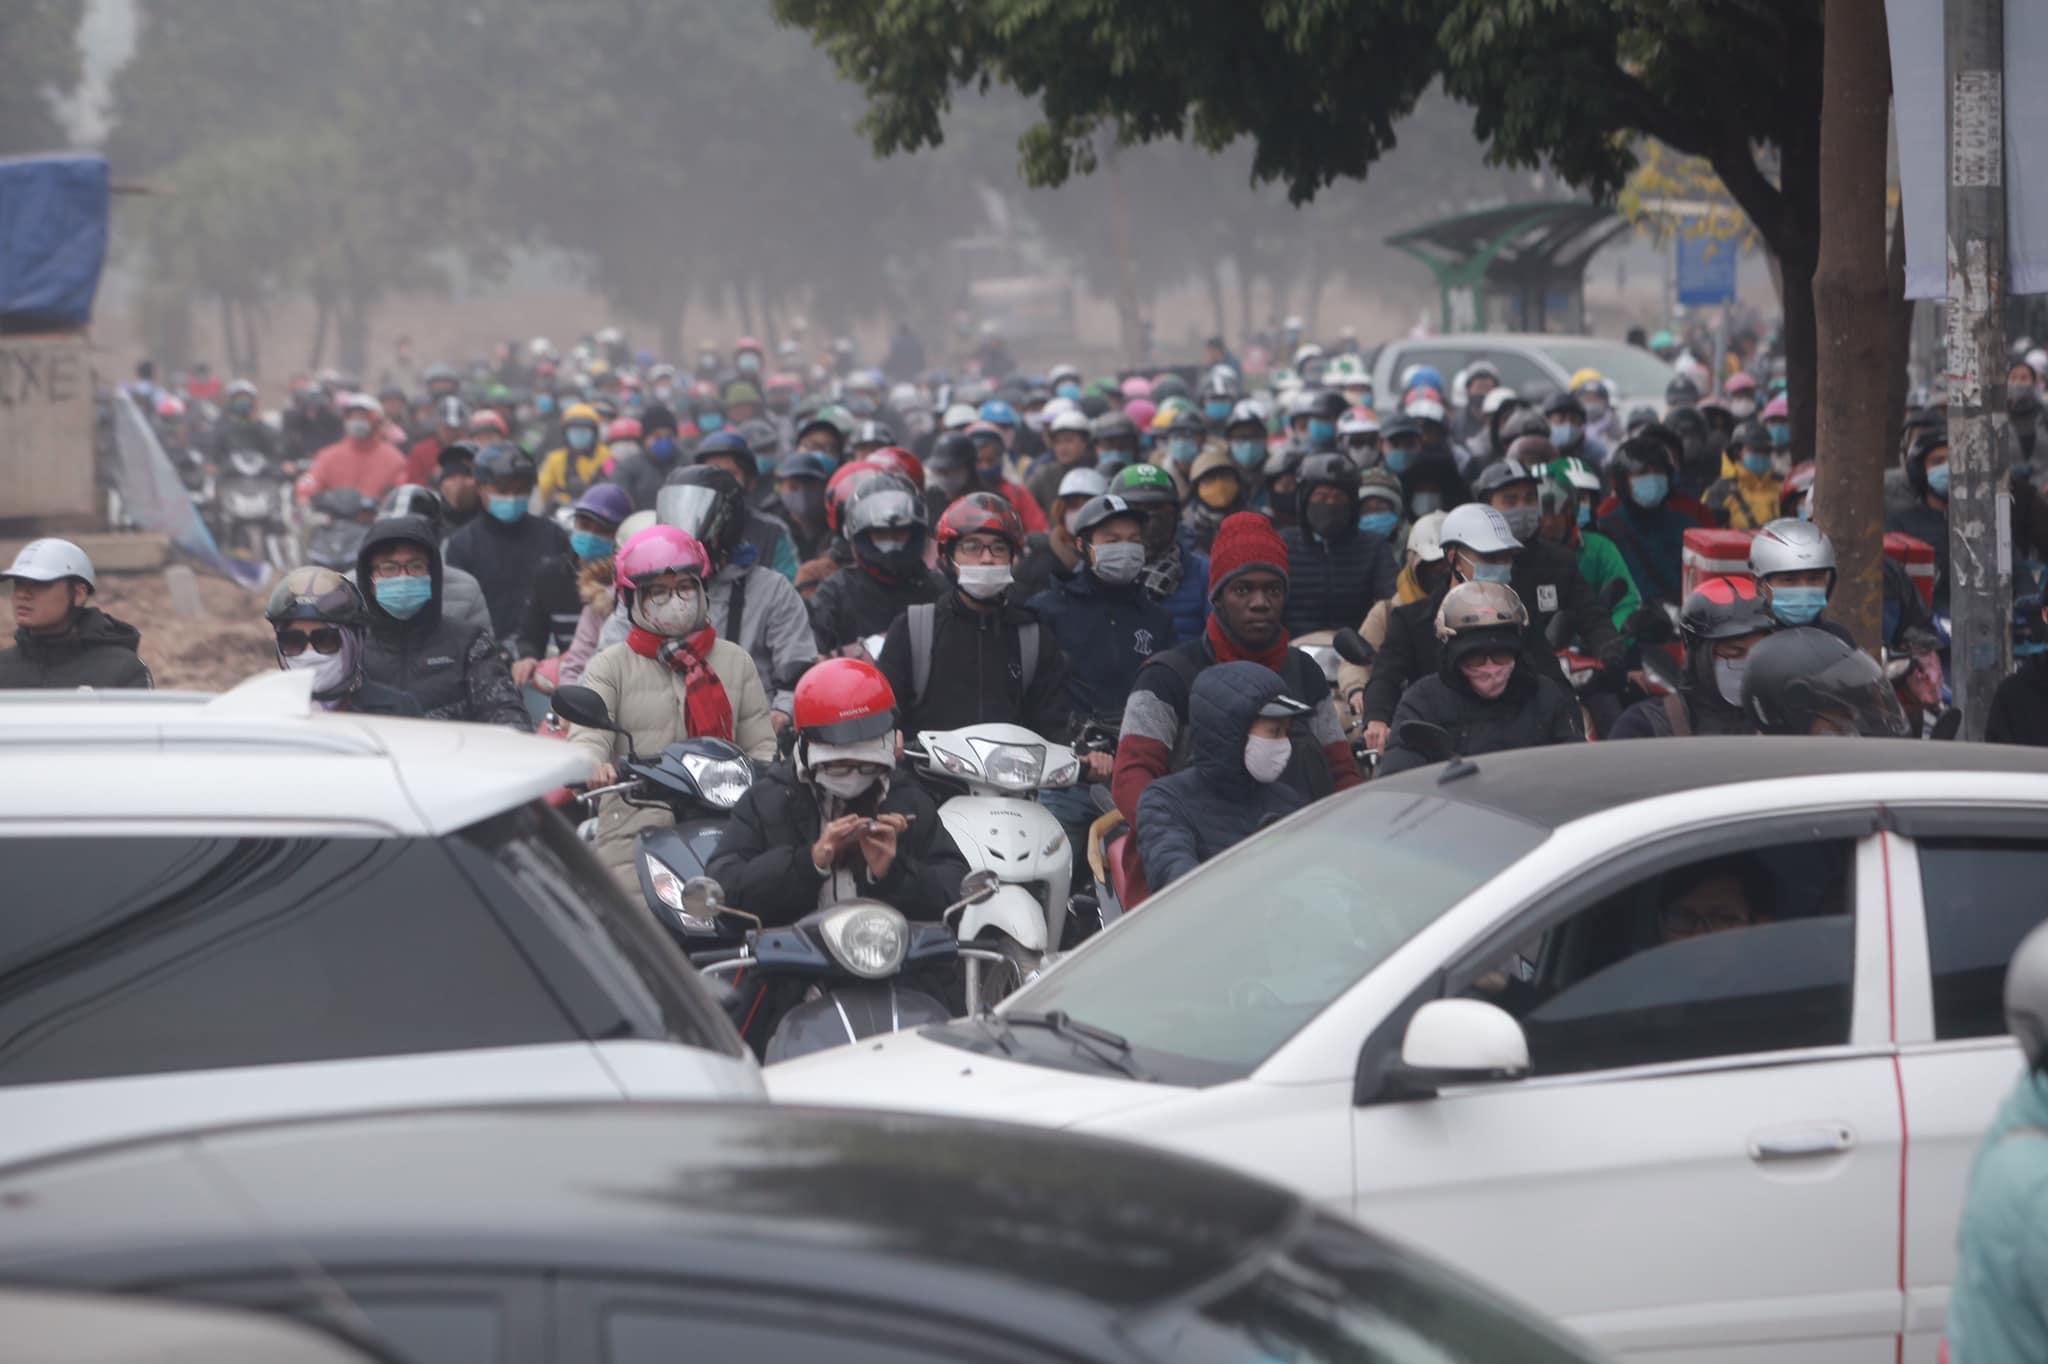 Hà Nội ùn tắc kinh hoàng trên đường Phạm Hùng - 3